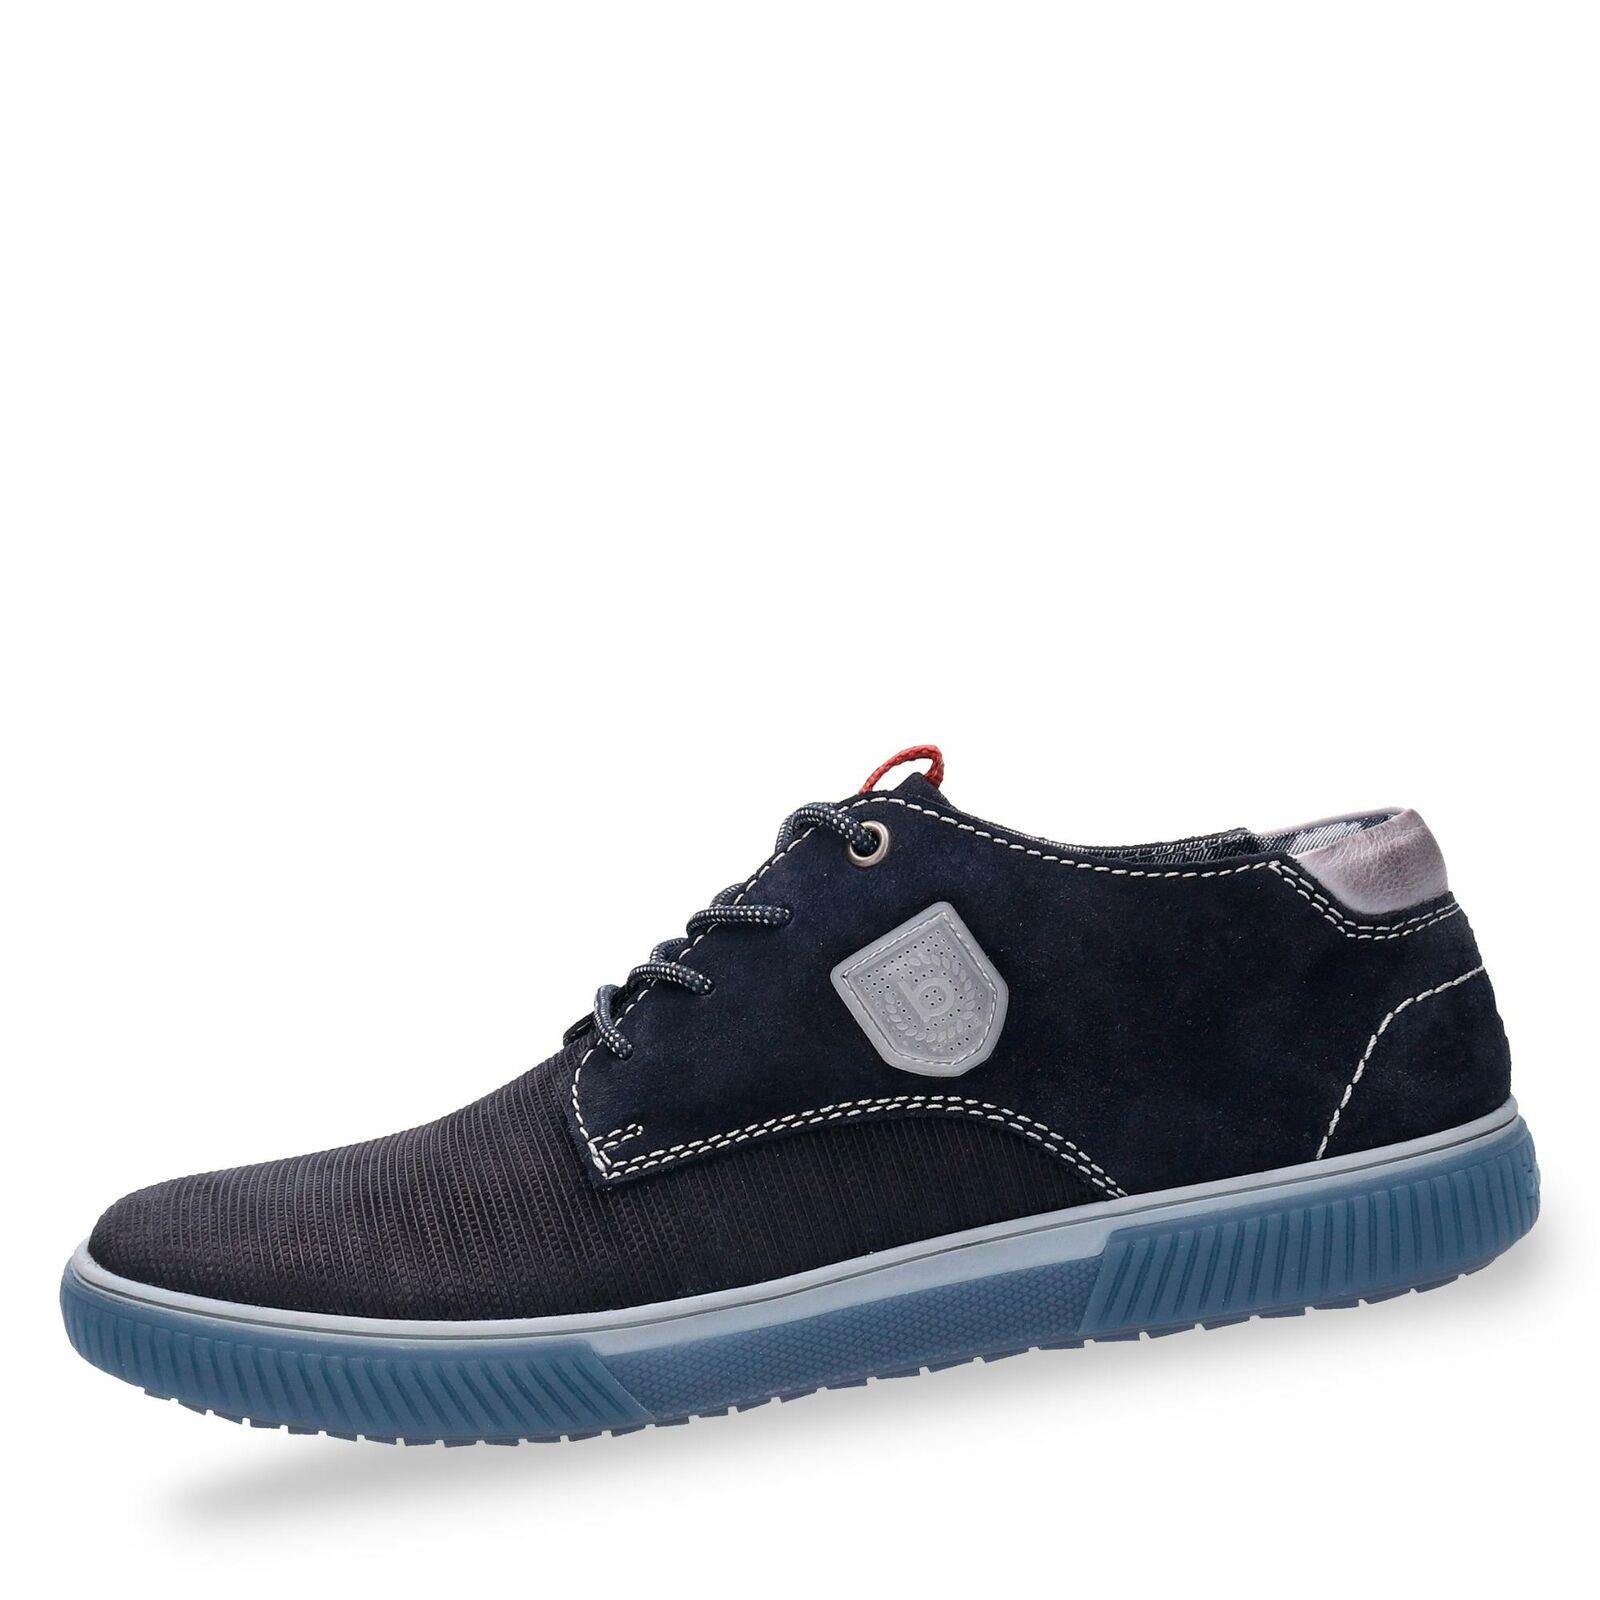 Bugatti Herren Turnschuhe Turnschuhe Halbschuhe Schnürschuhe Freizeit Schuhe blau